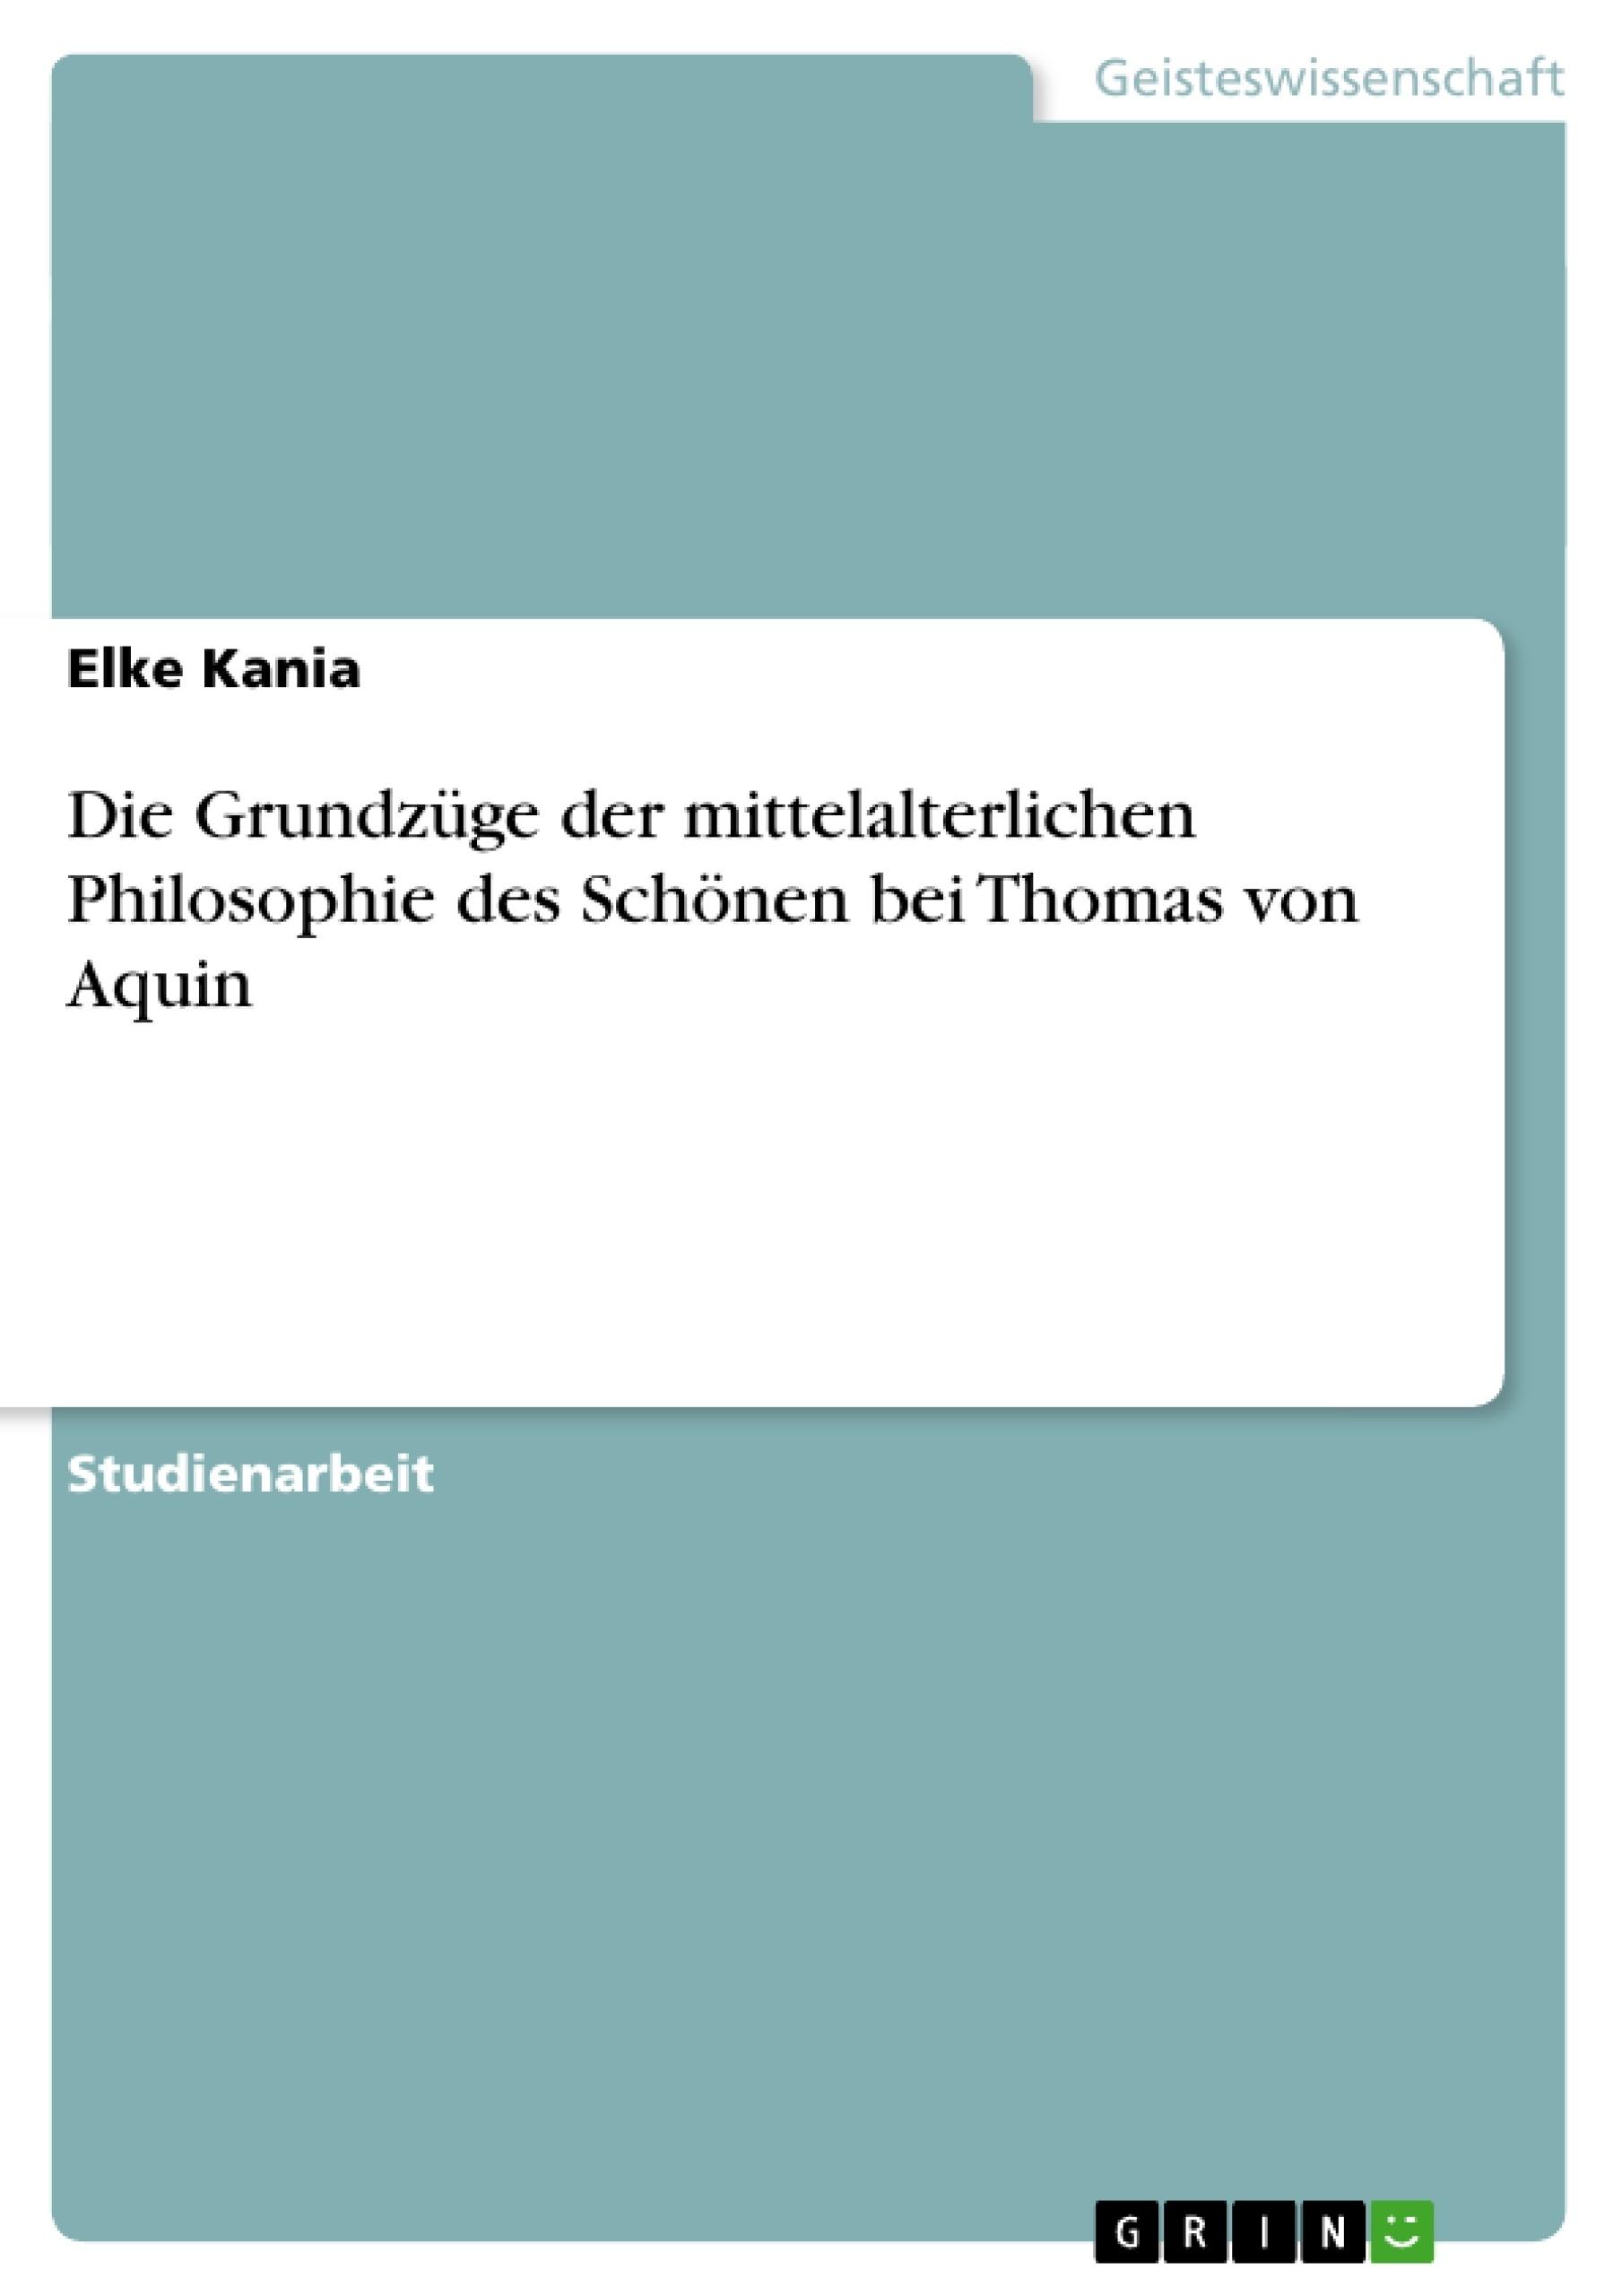 Titel: Die Grundzüge der mittelalterlichen Philosophie des Schönen bei Thomas von Aquin